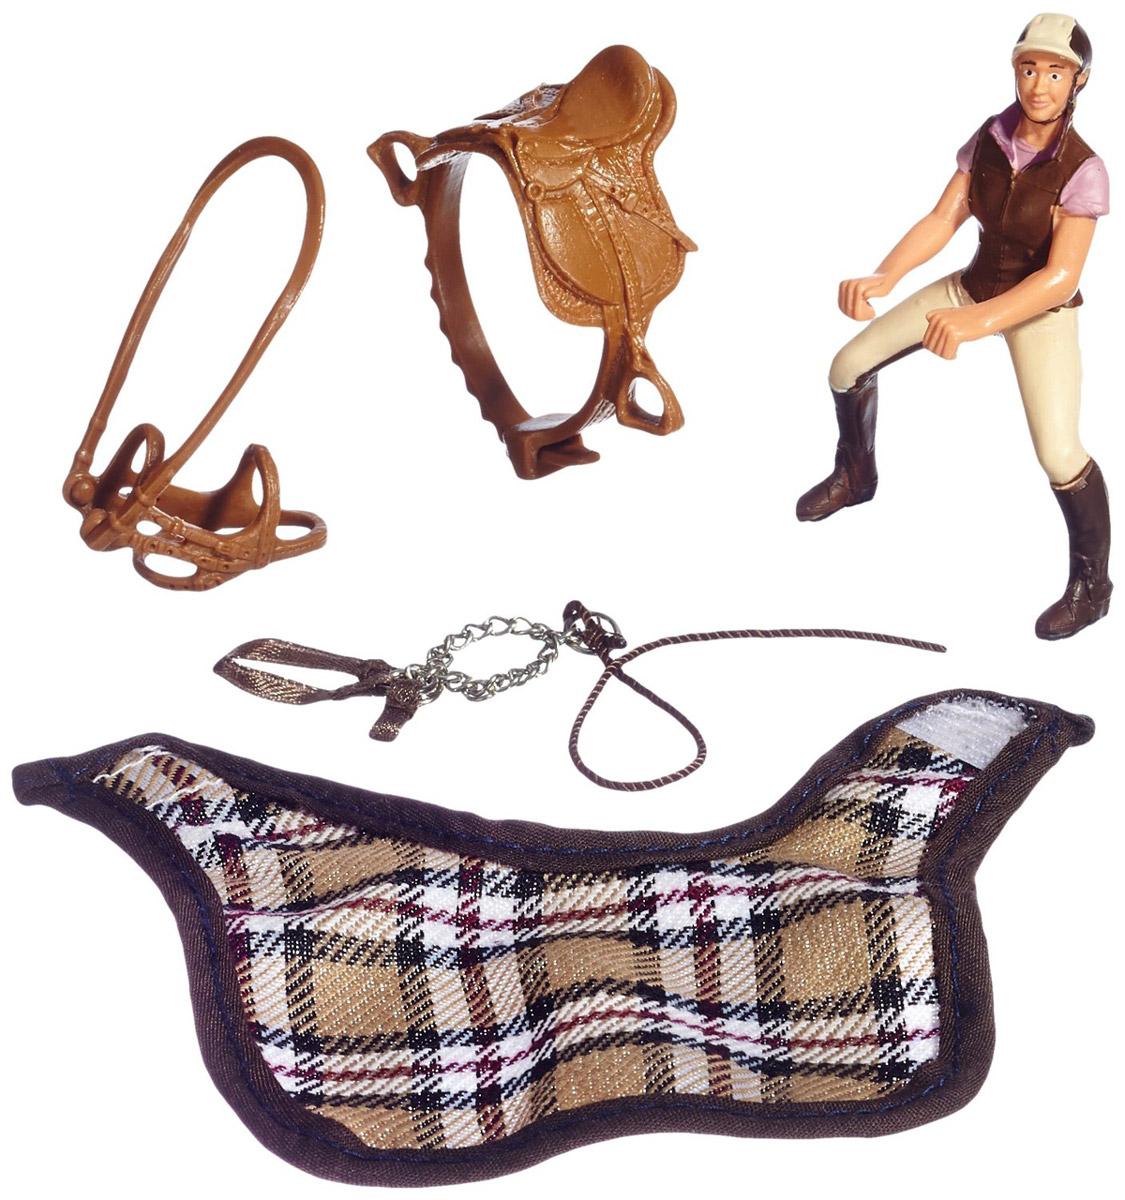 Schleich Игровой набор Любитель верховой езды42057Отважная юная наездница на прекрасной лошади станет великолепным украшением коллекции игрушек Schleich. Ну а для того, чтобы она выиграла скачки, стоит лишь немного ее потренировать. Наездница одета в коричневый жилет и сапоги, фиолетовое поло и бежевые брюки. Все элементы набора выполнены с реалистичной точностью, раскрашены вручную нетоксичными красками. В набор входит наездница с аксессуарами. Лошадь в набор не входит. К наезднице подходит любая лошадь Schleich.